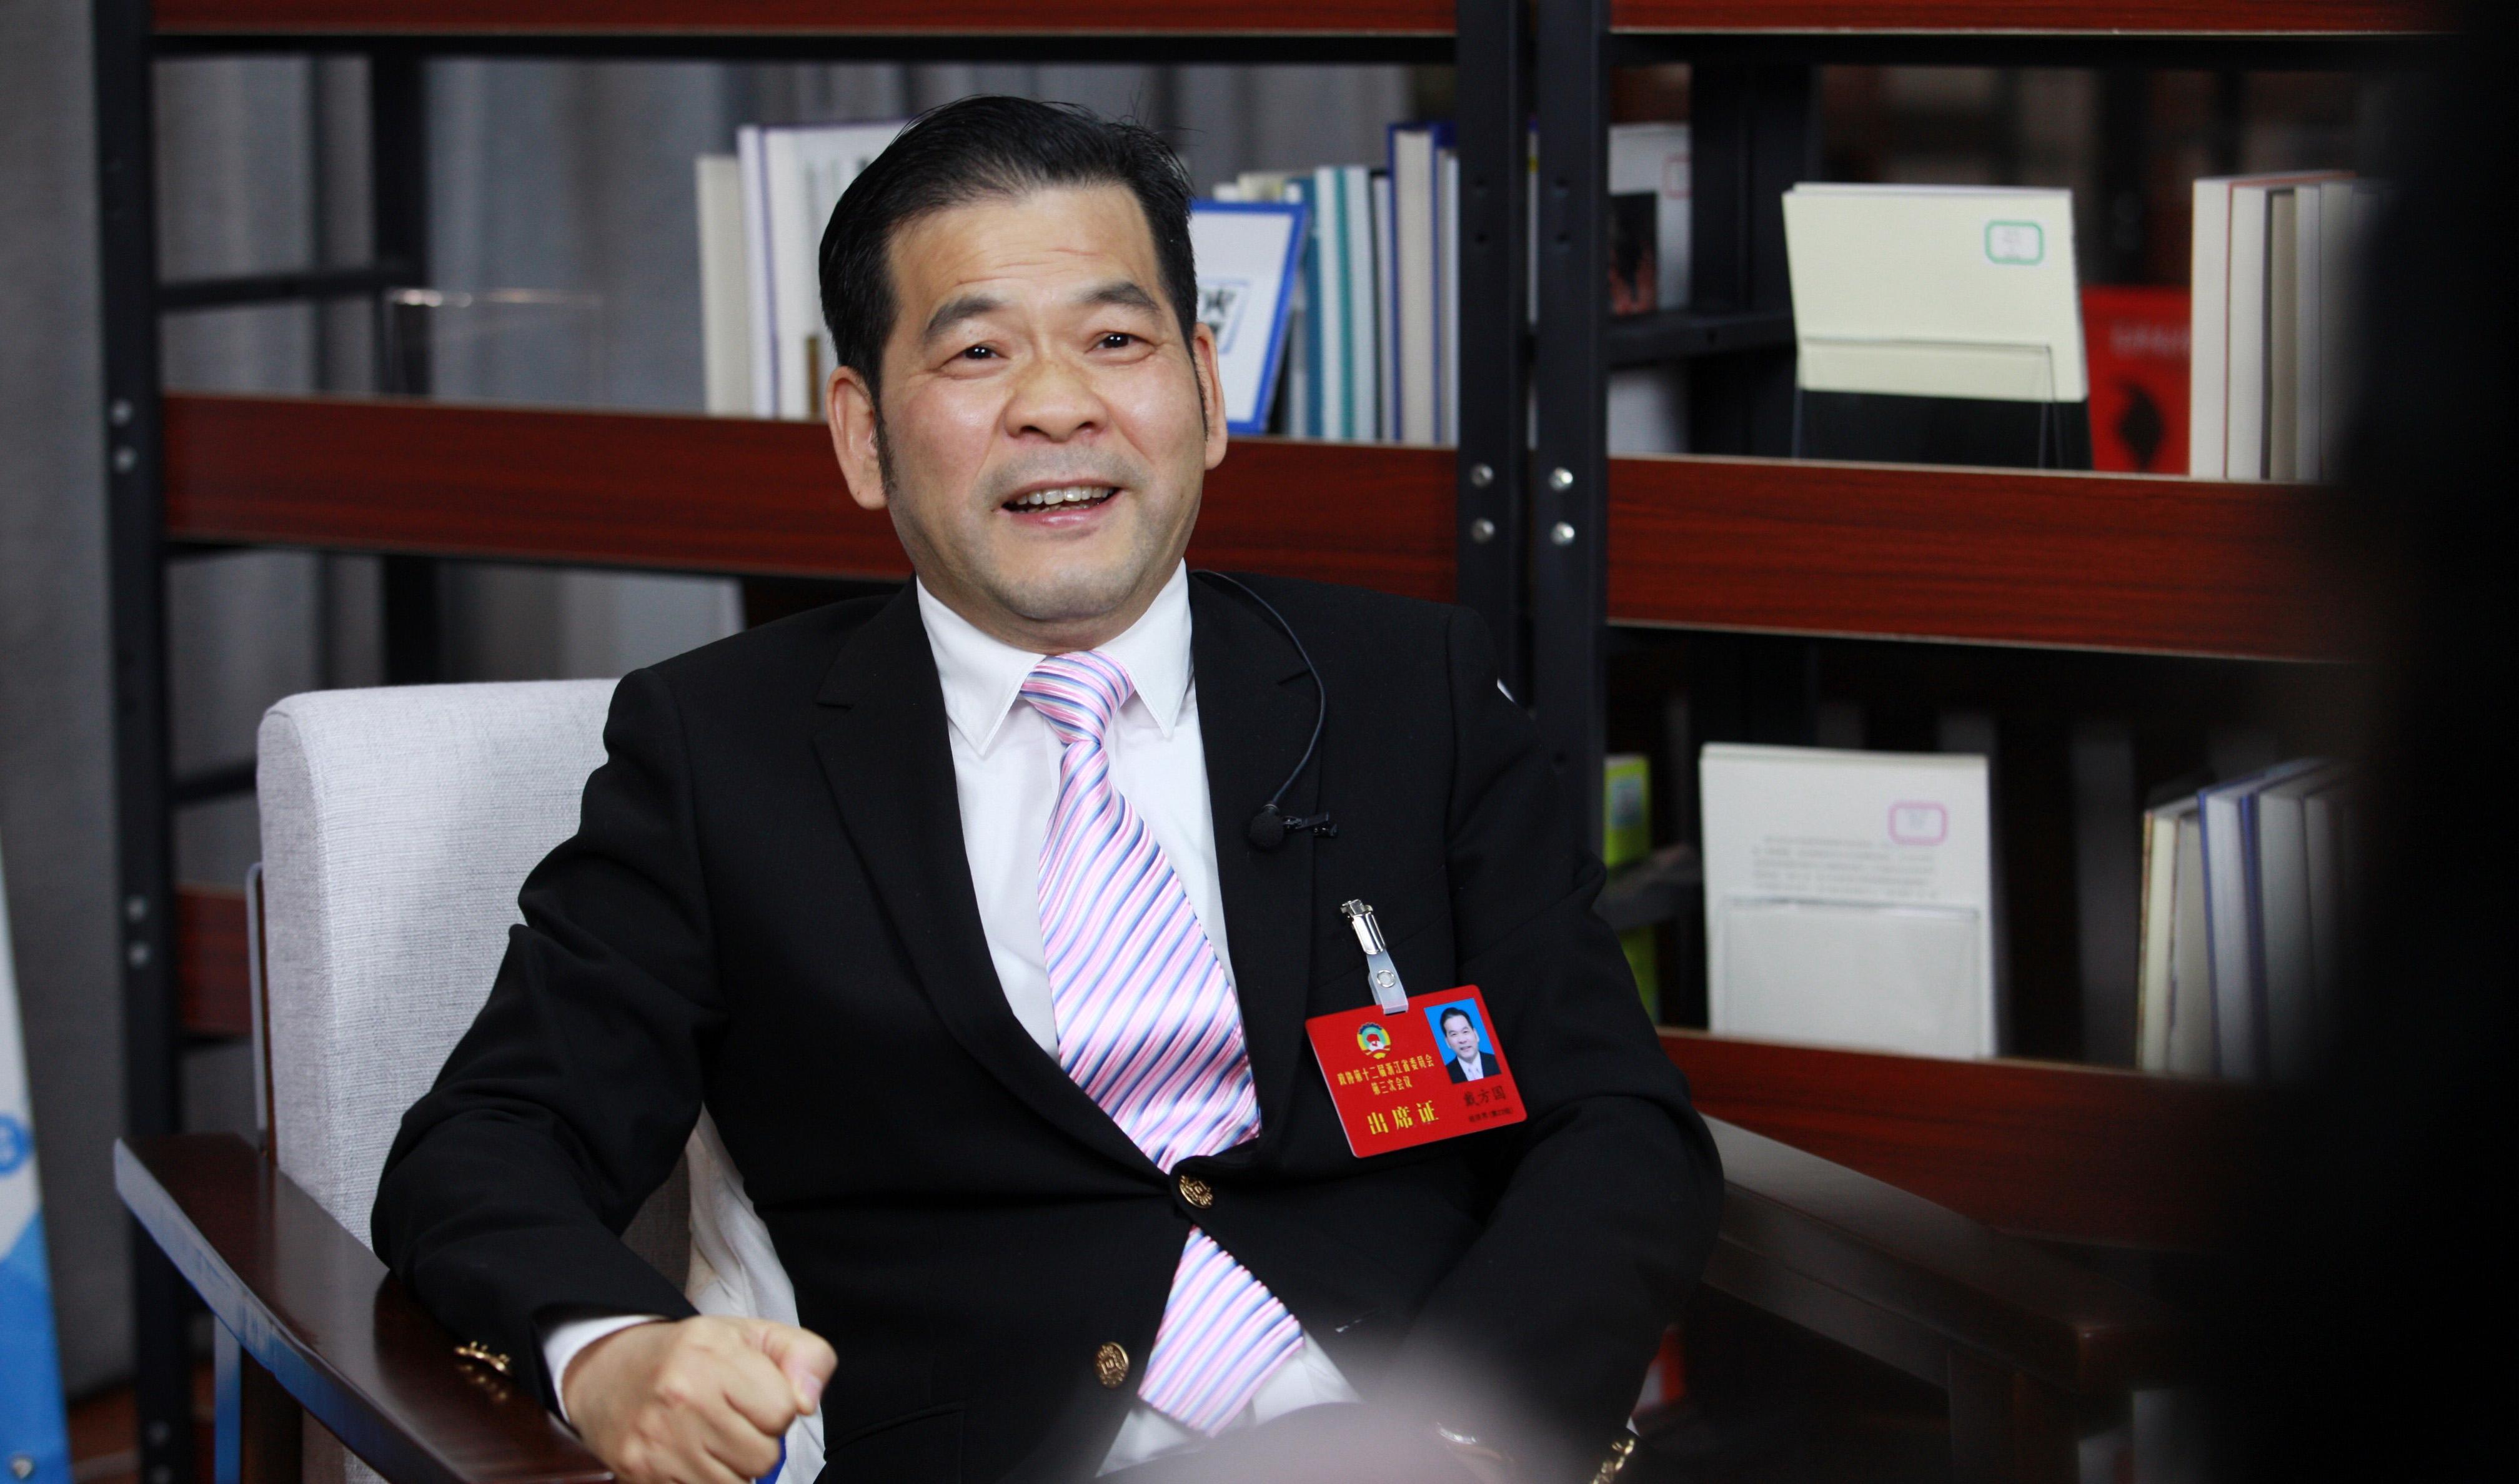 戴方国:立法让浙江民企发展有保障、有机会、有信心